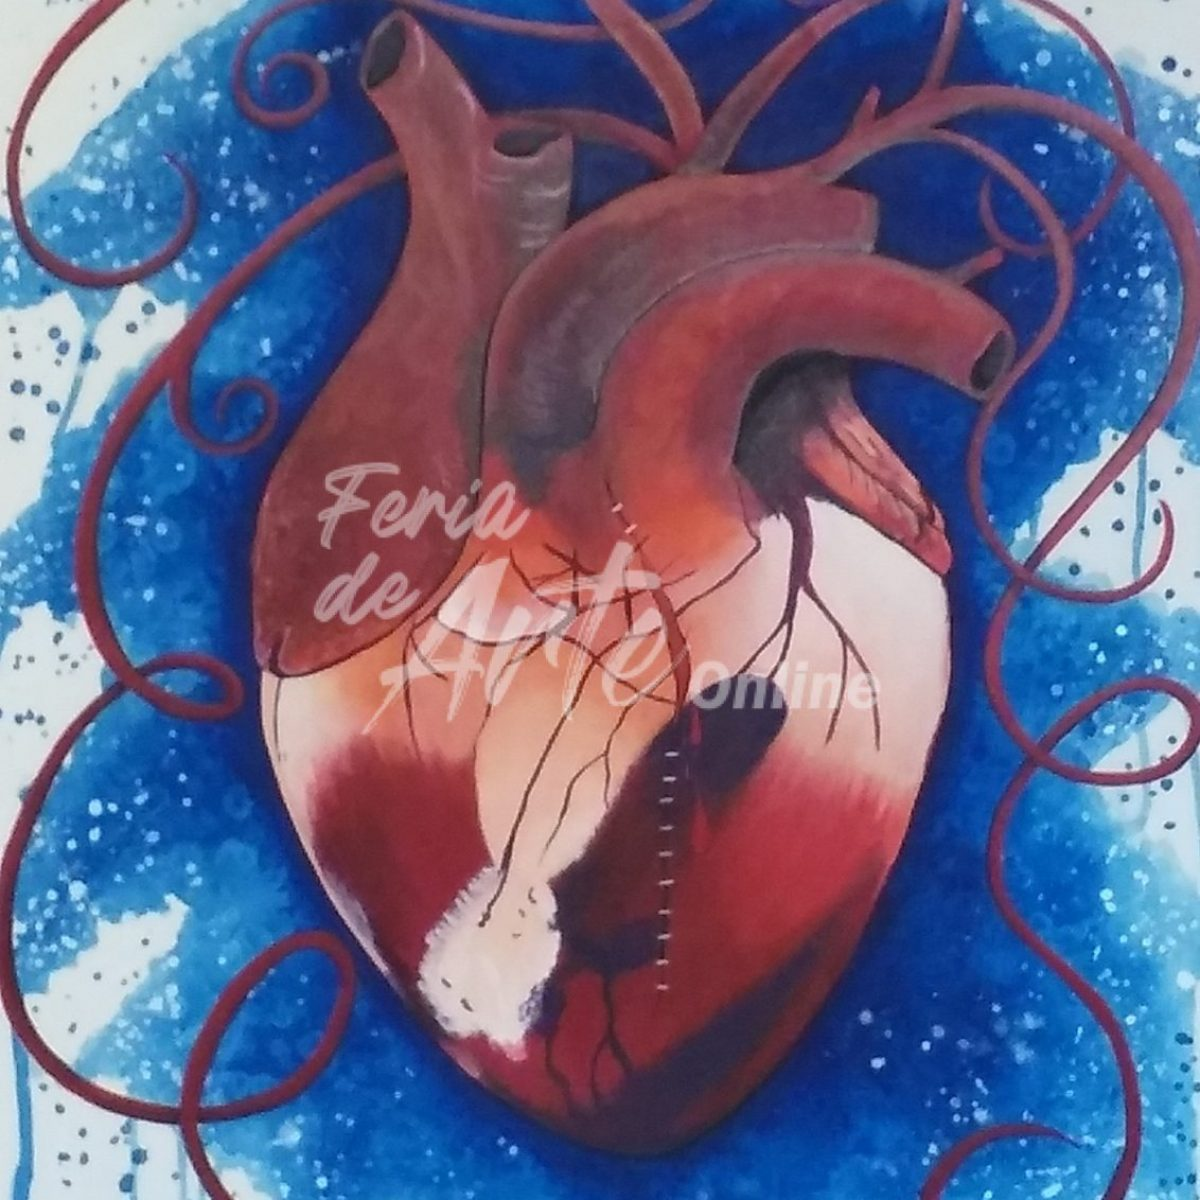 Corazón herido